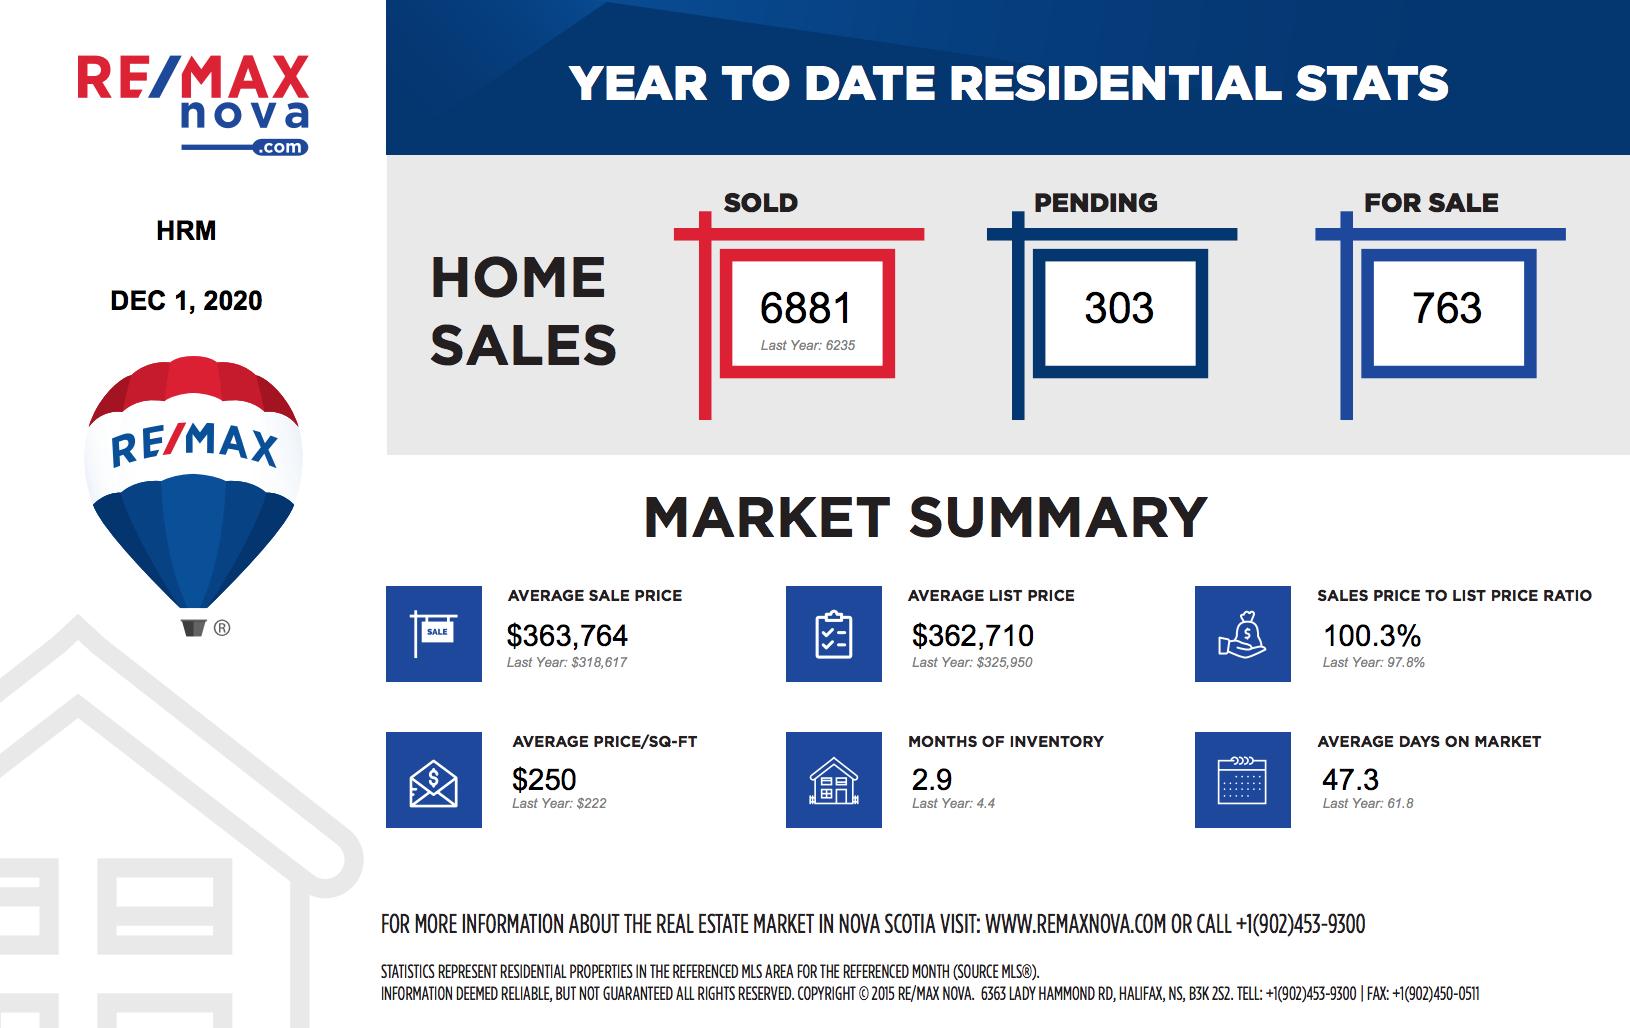 Nova Scotia real estate market